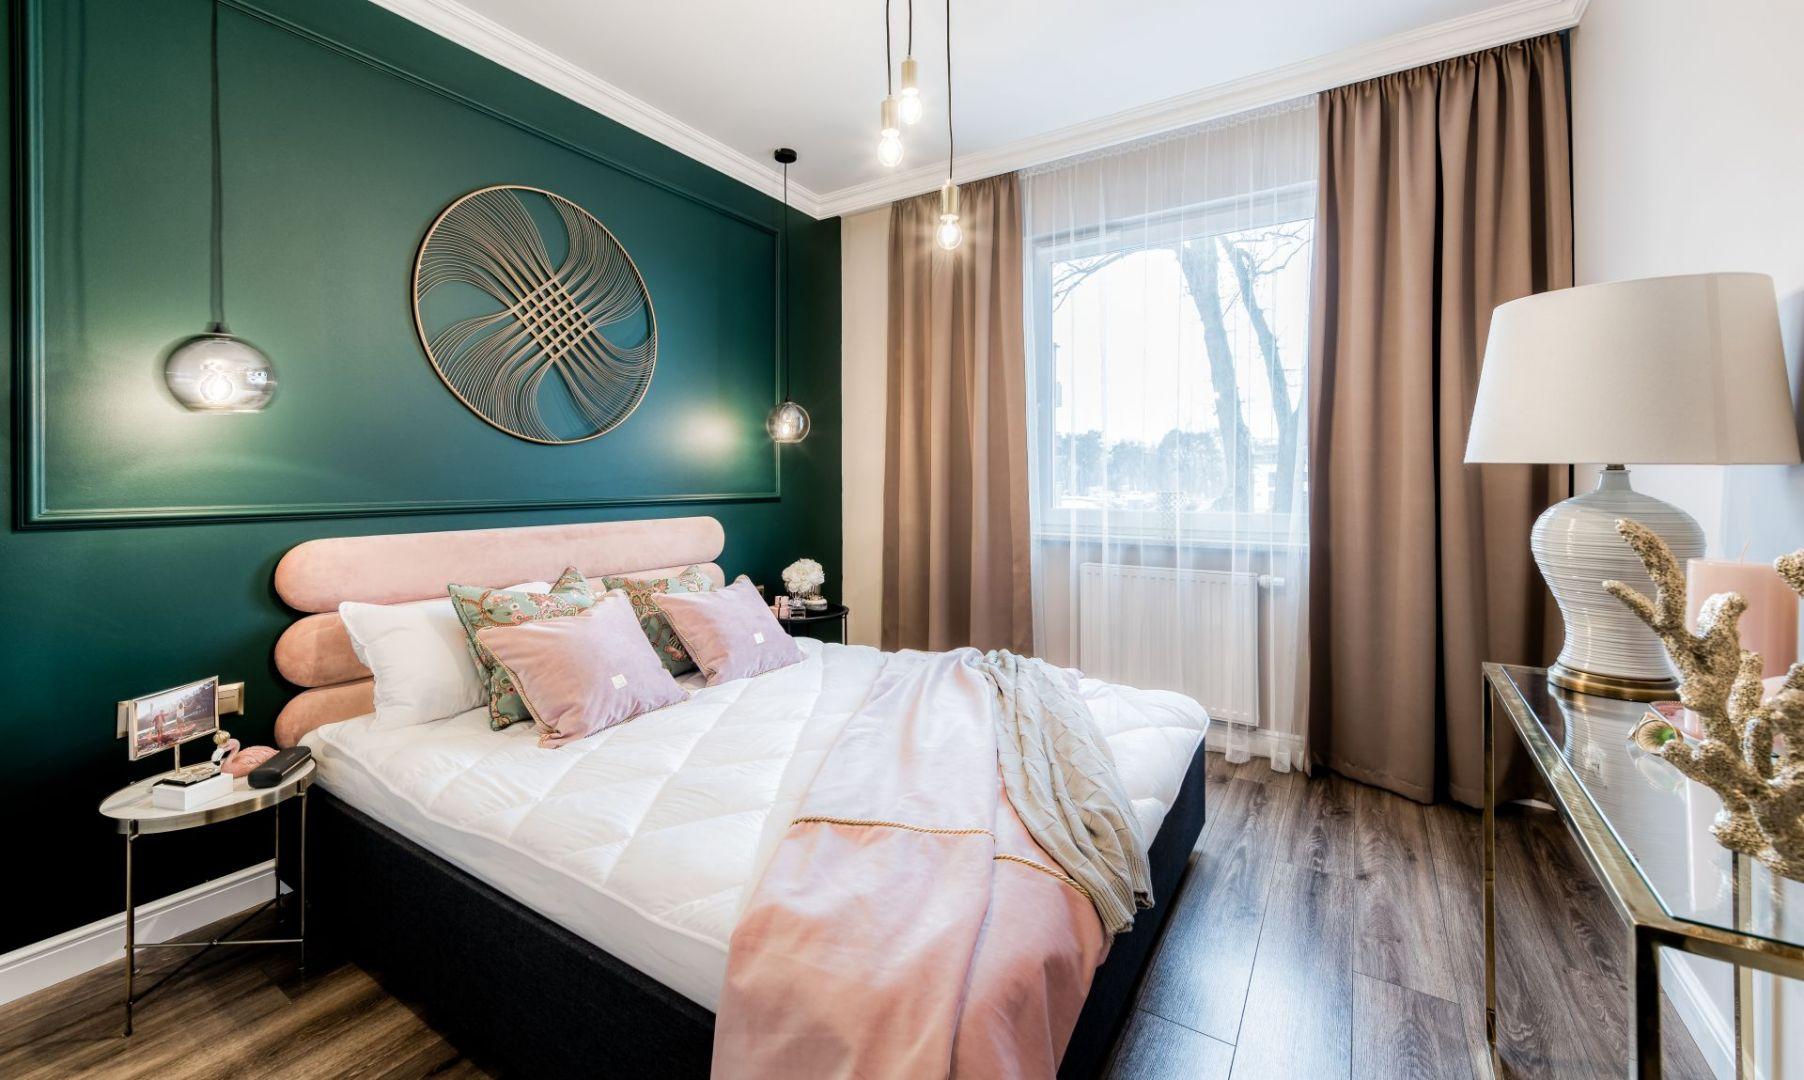 Ścianę za łóżkiem zdobi zielona sztukateria. Projekt Marta Piórkowska-Paluch. Fot. Andrzej Czechowicz, Foto Studio Wrzosy